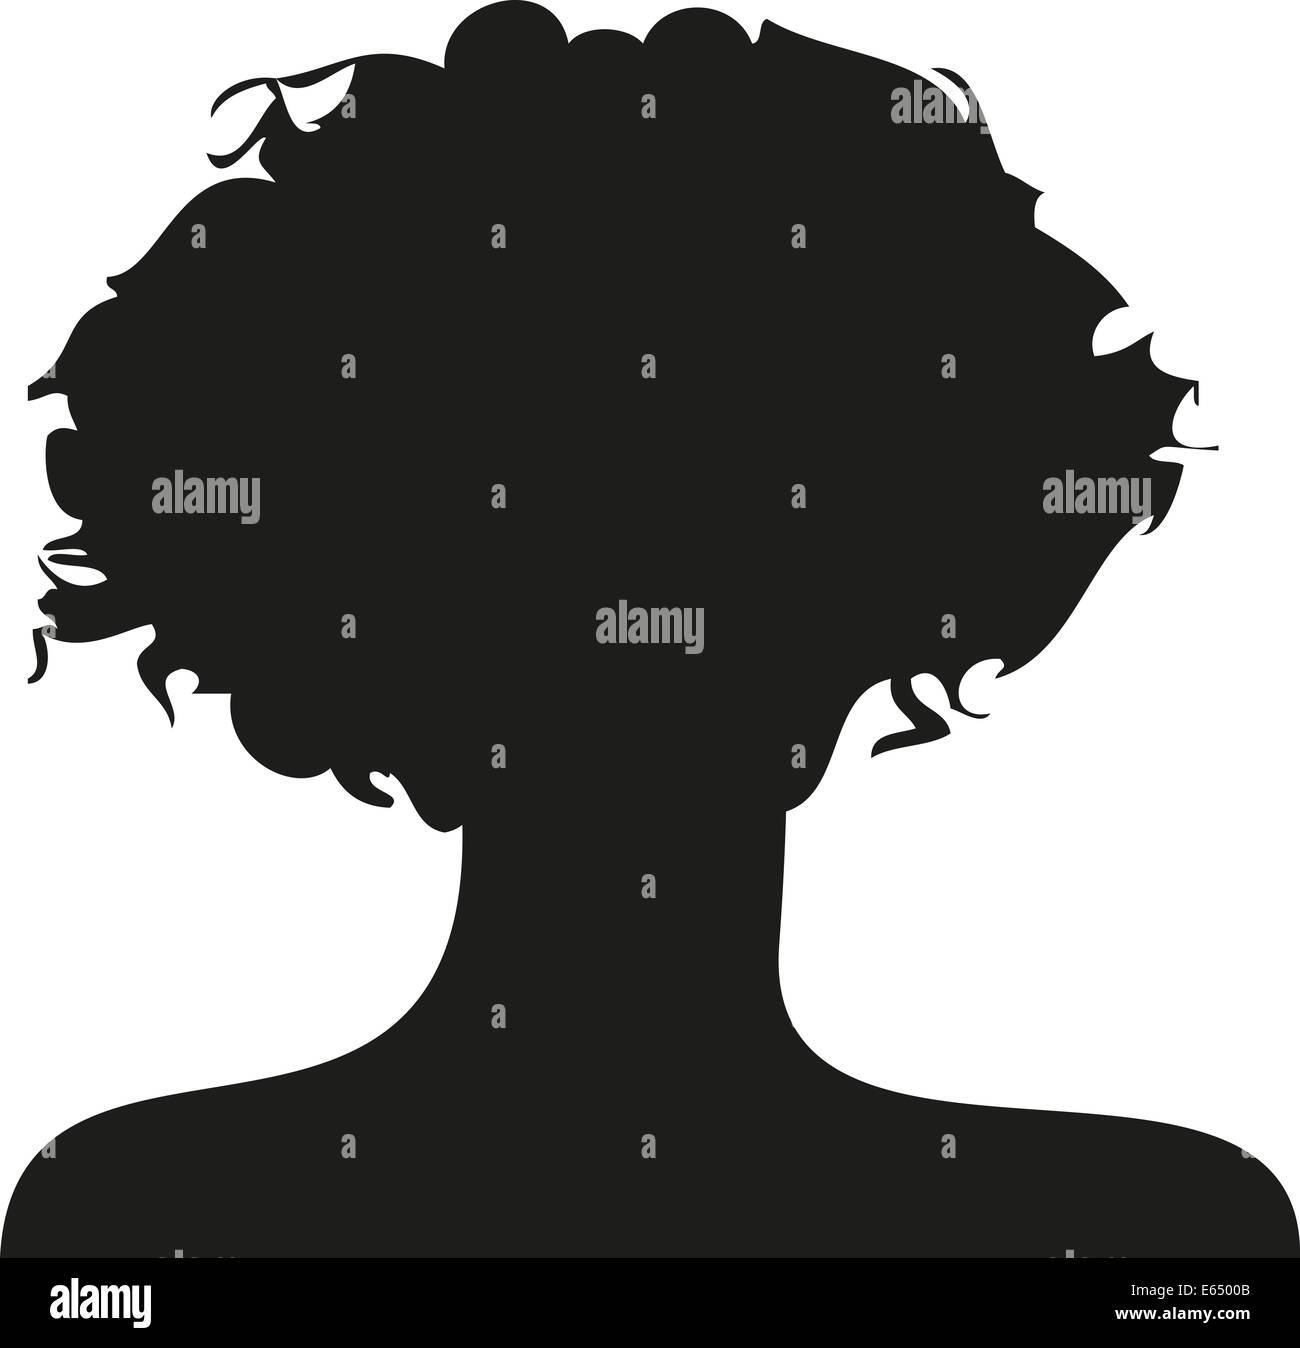 Silhouette Frau Locken lockig Scherenschnitt schwarz weiß Umriss frauen lang haare lange kurz Abbild Symbol - Stock Image